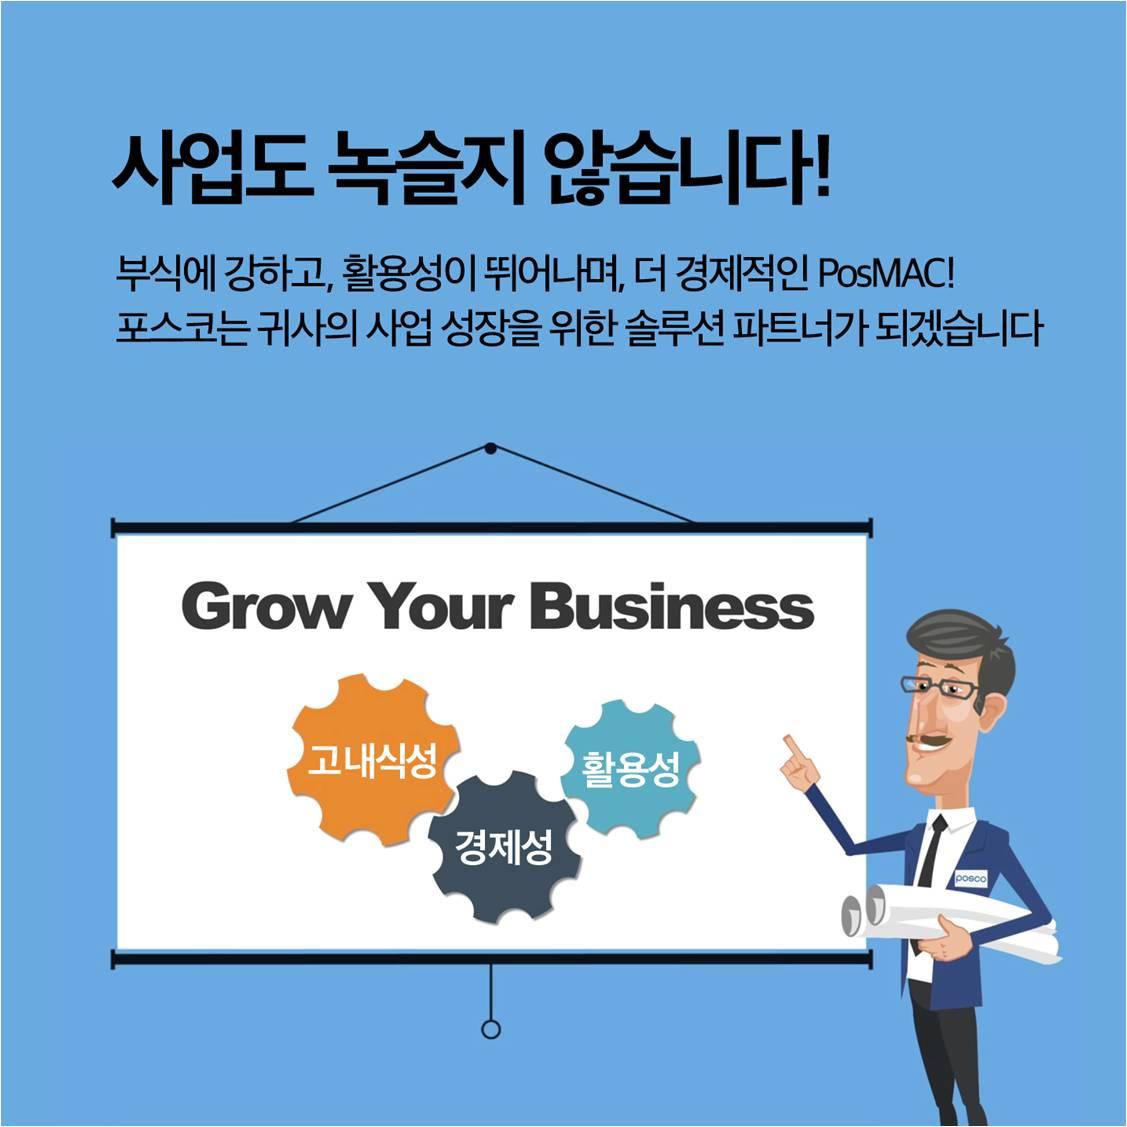 사업도 녹슬지 않습니다! 부식에 강하고, 활용성이 뛰어나며, 더 경제적인 PosMAC! 포스코는 귀사의 사업 성장을 위한 솔루션 파트너가 되겠습니다.